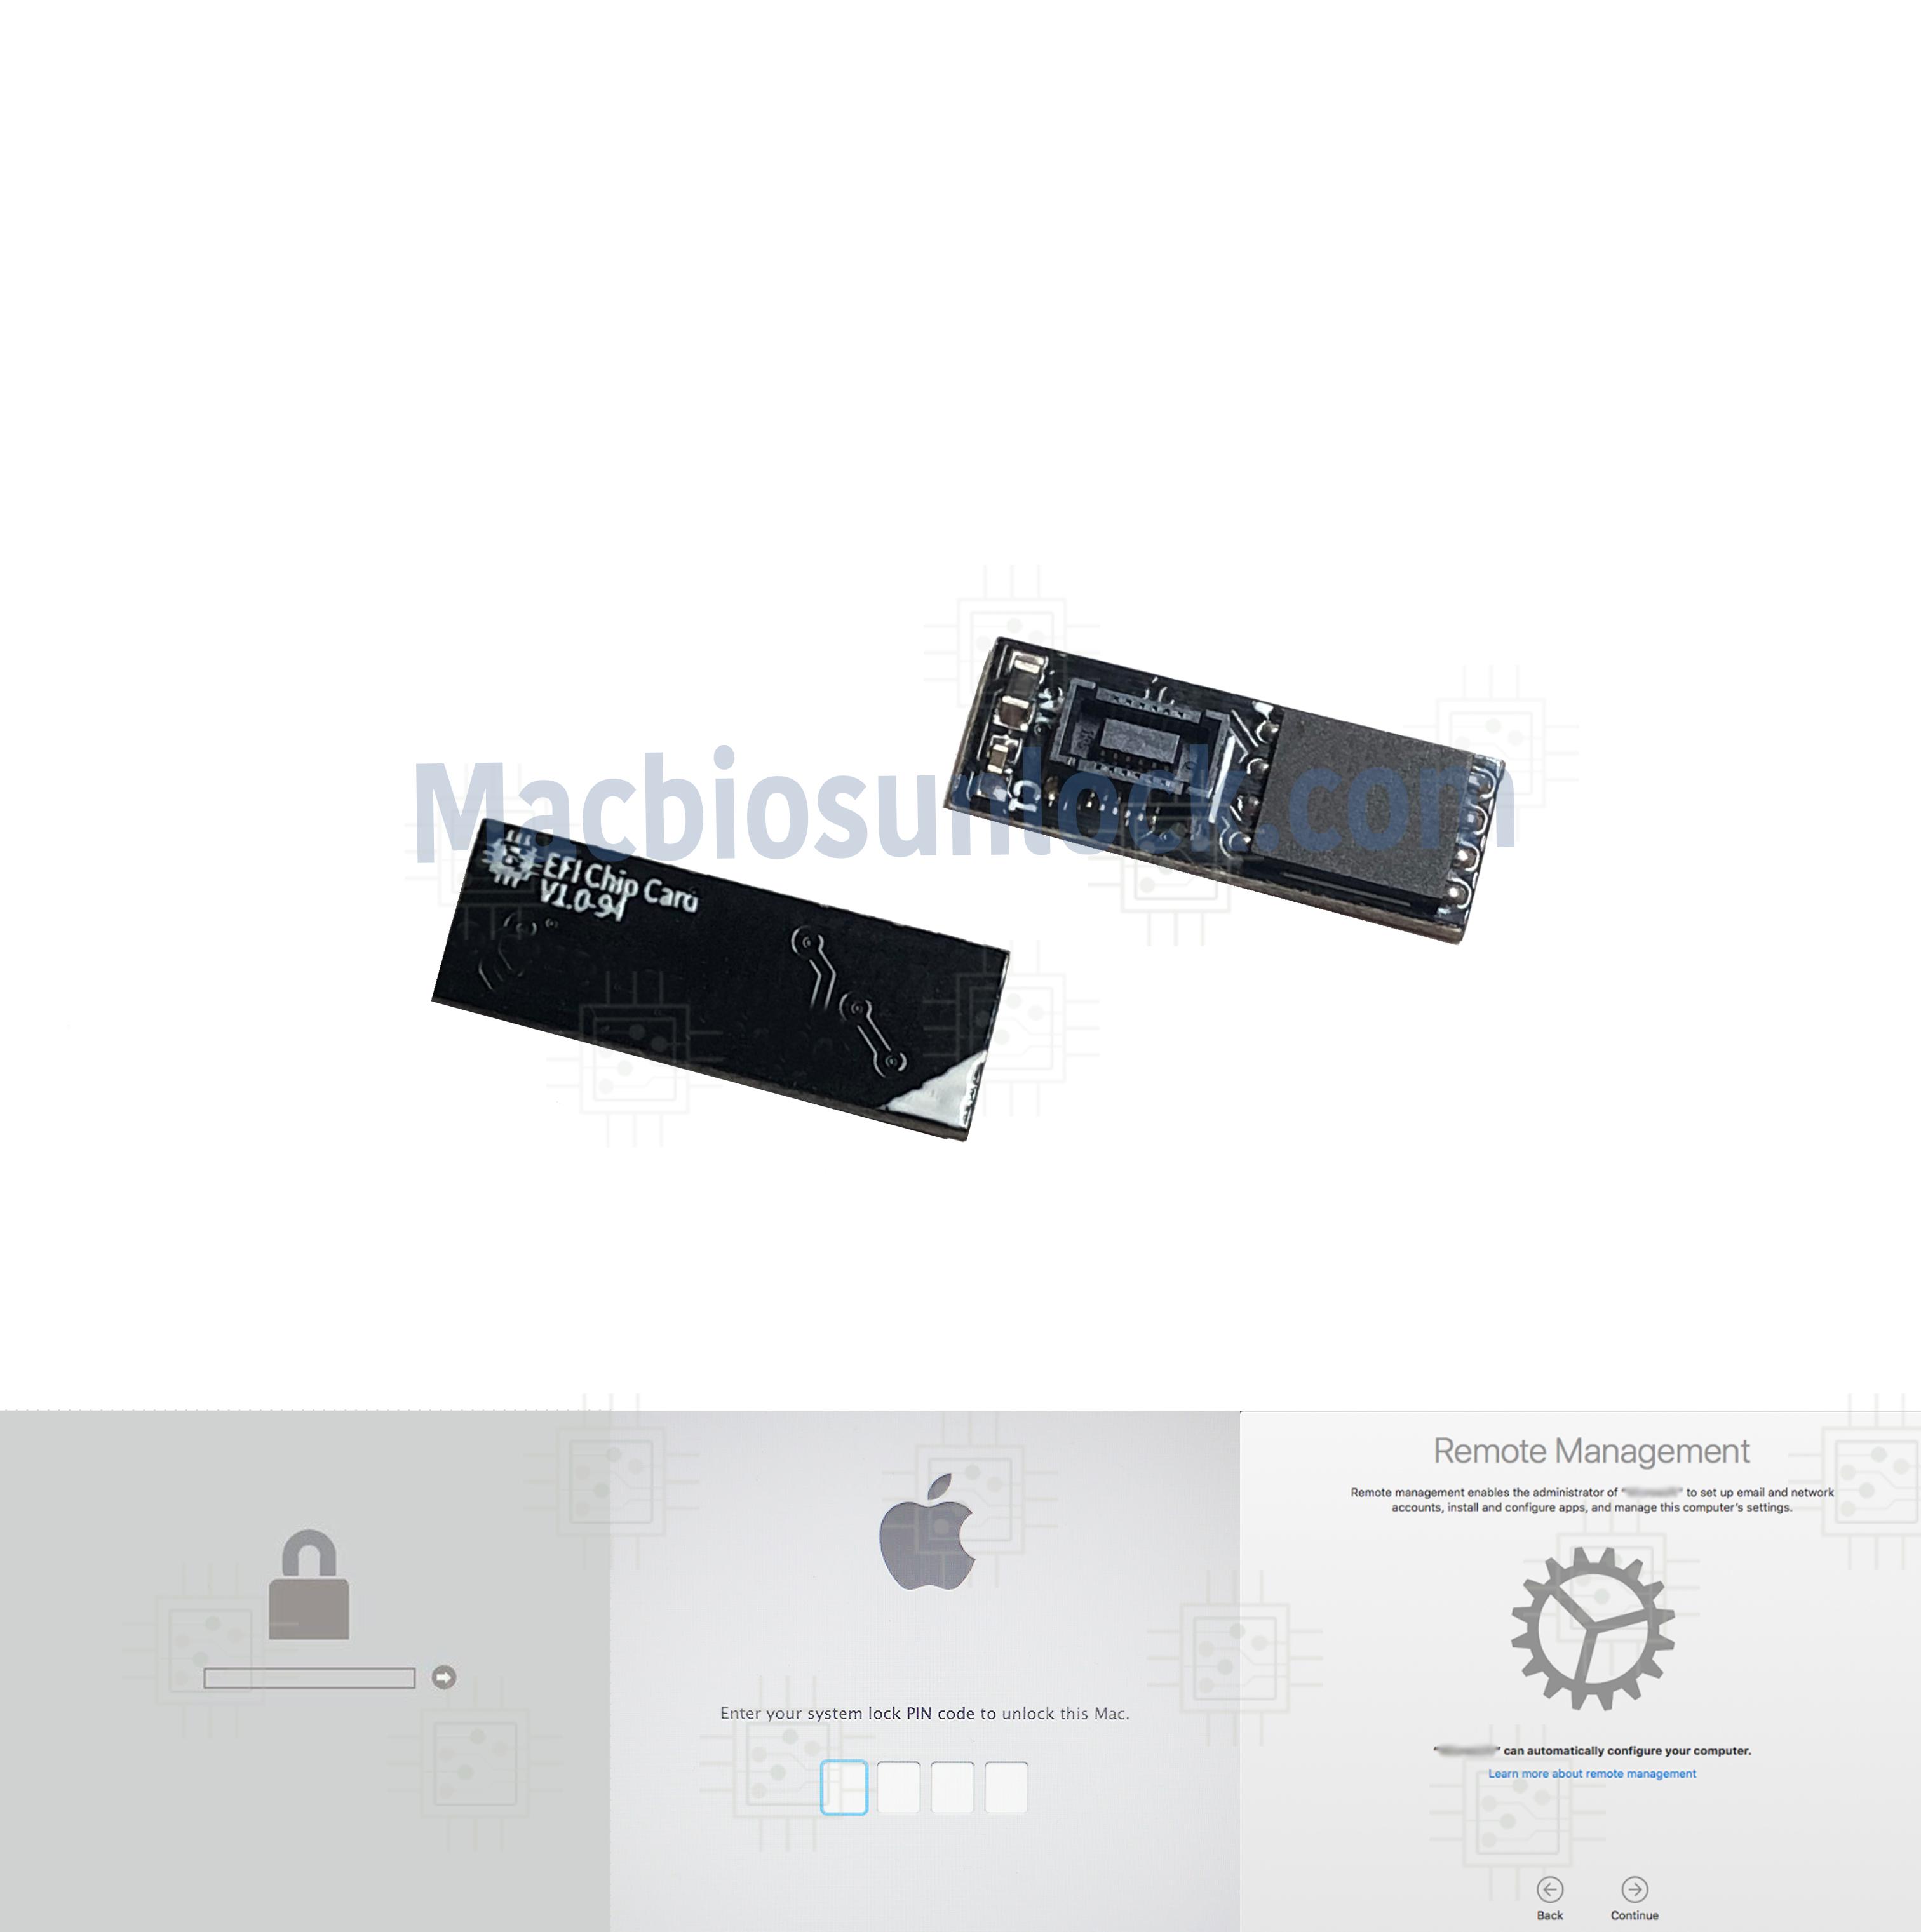 MDM iCloud Unlock EFI EFI Chip Card for Apple MacBook Pro MacBook Air MacMini